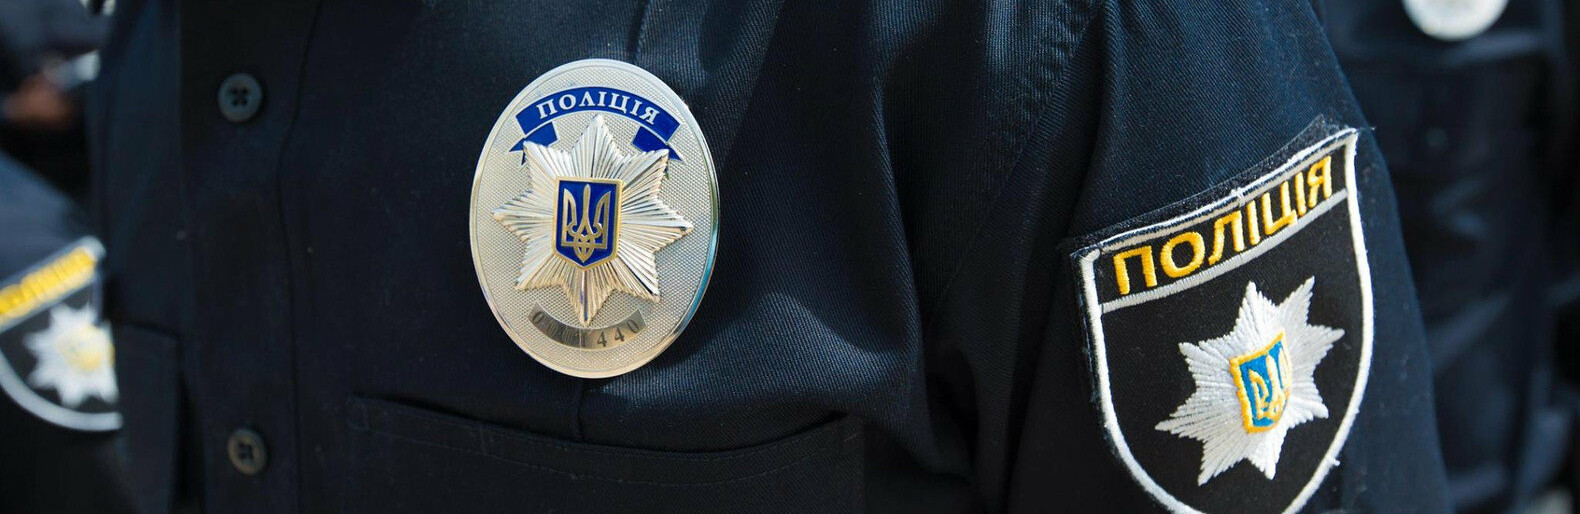 В Одессе 4-летний ребенок сам гулял по городу, пока мать отдыхала в кафе, - ФОТО0